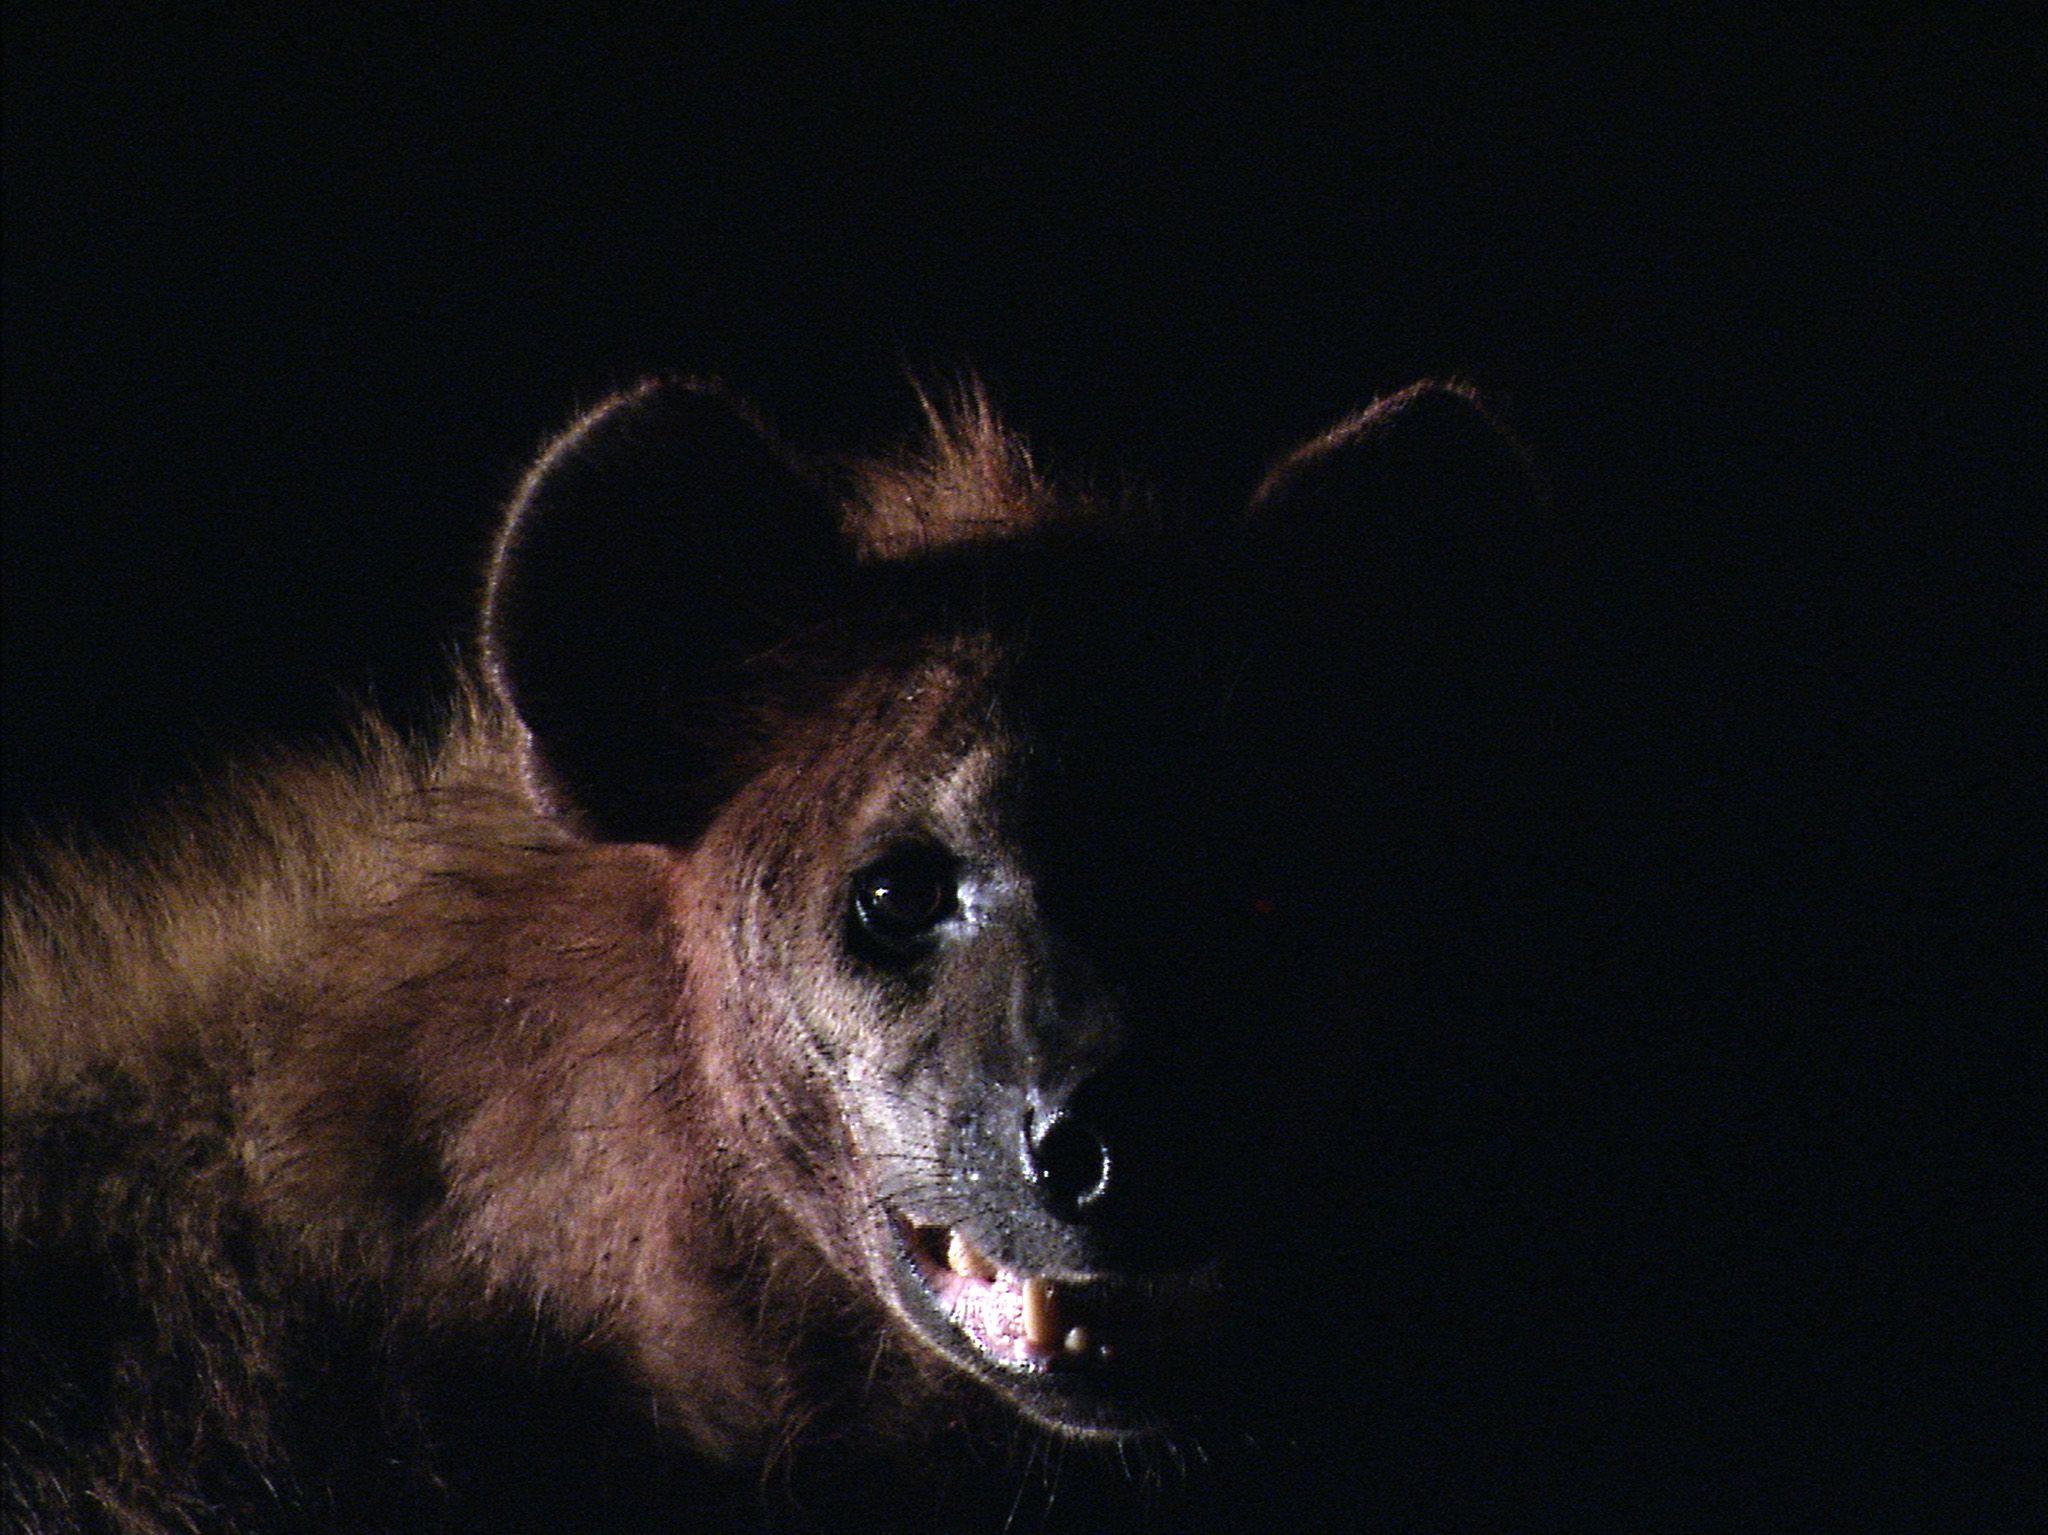 پارک ملی لیووا، زامبیا: نمای نزدیک یک کفتار در شب... [Photo of the day - مارس 2019]